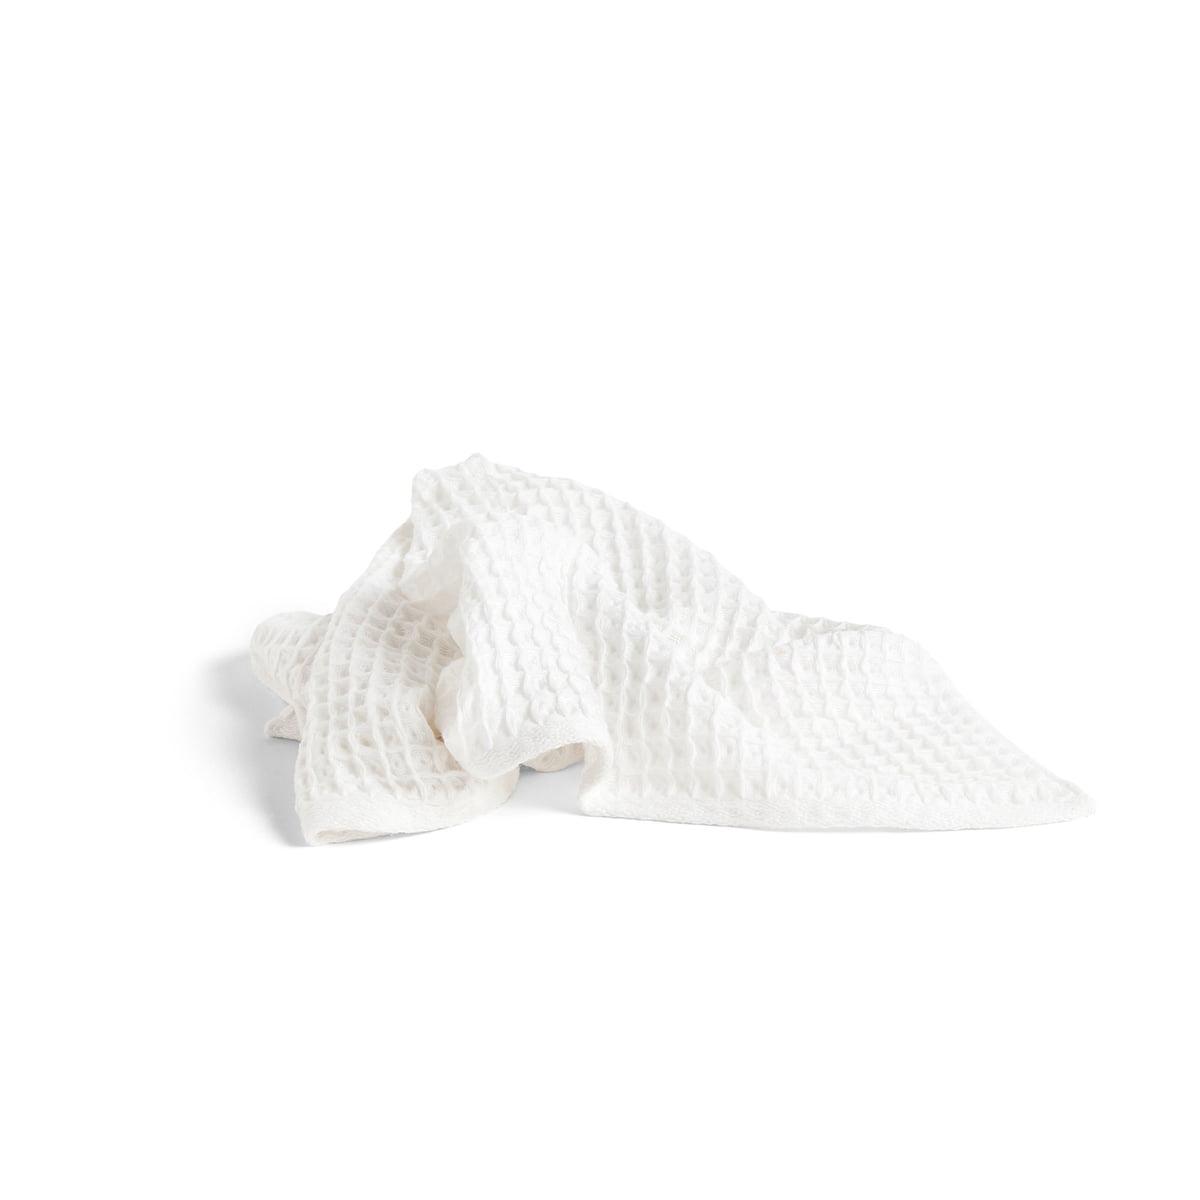 Hay - Giant Waffle Handtuch, 100 x 50 cm, weiß | Bad > Handtücher > Handtuch-Sets | Weiß | Baumwolle | Hay